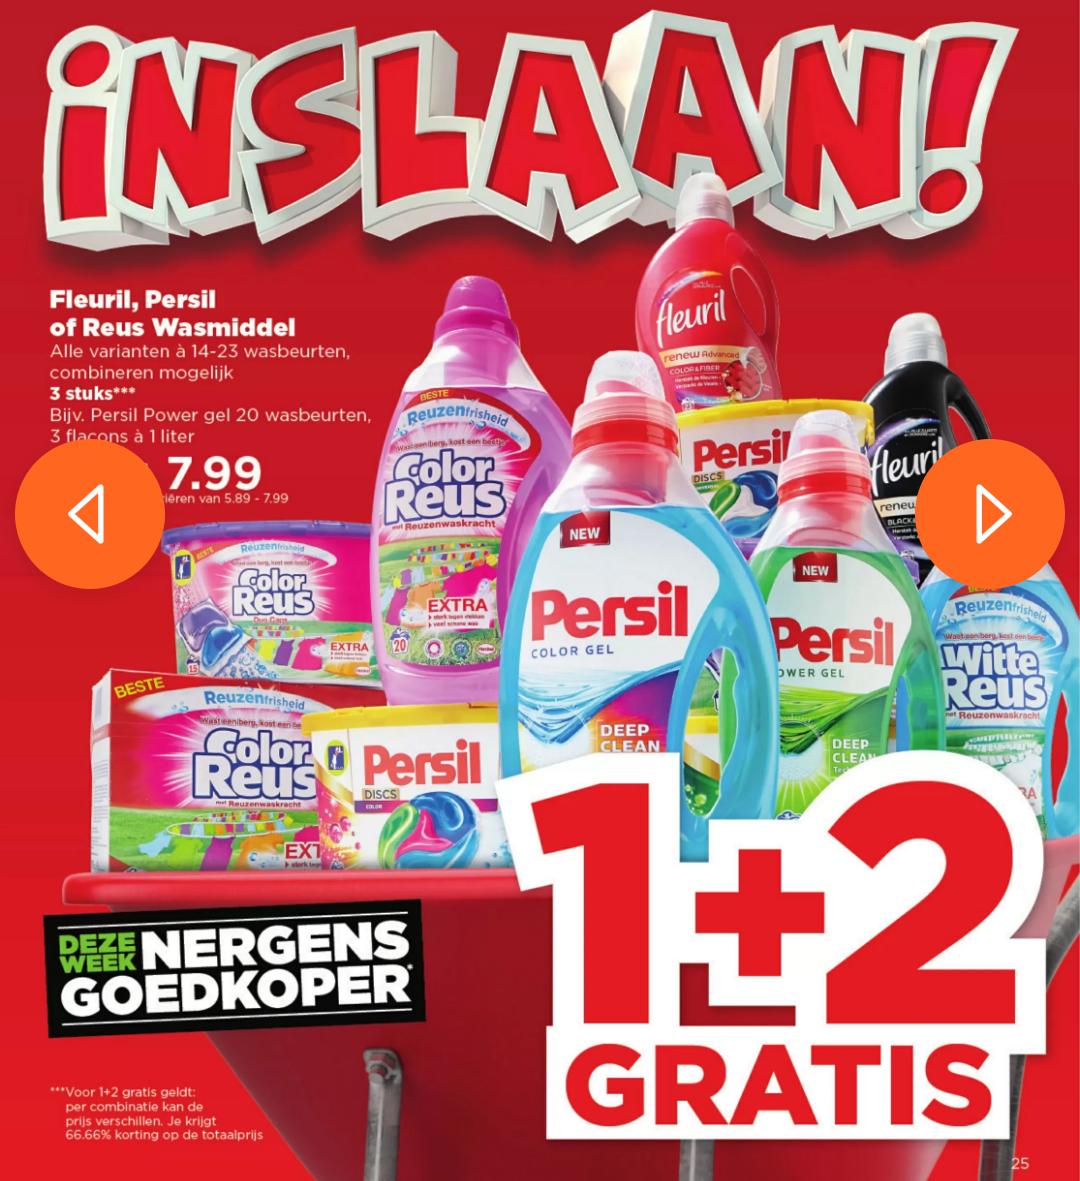 Fleuril, Witte Reus, Color Reus en Persil 1+2 gratis bij Plus (14-23 wasbeurten)